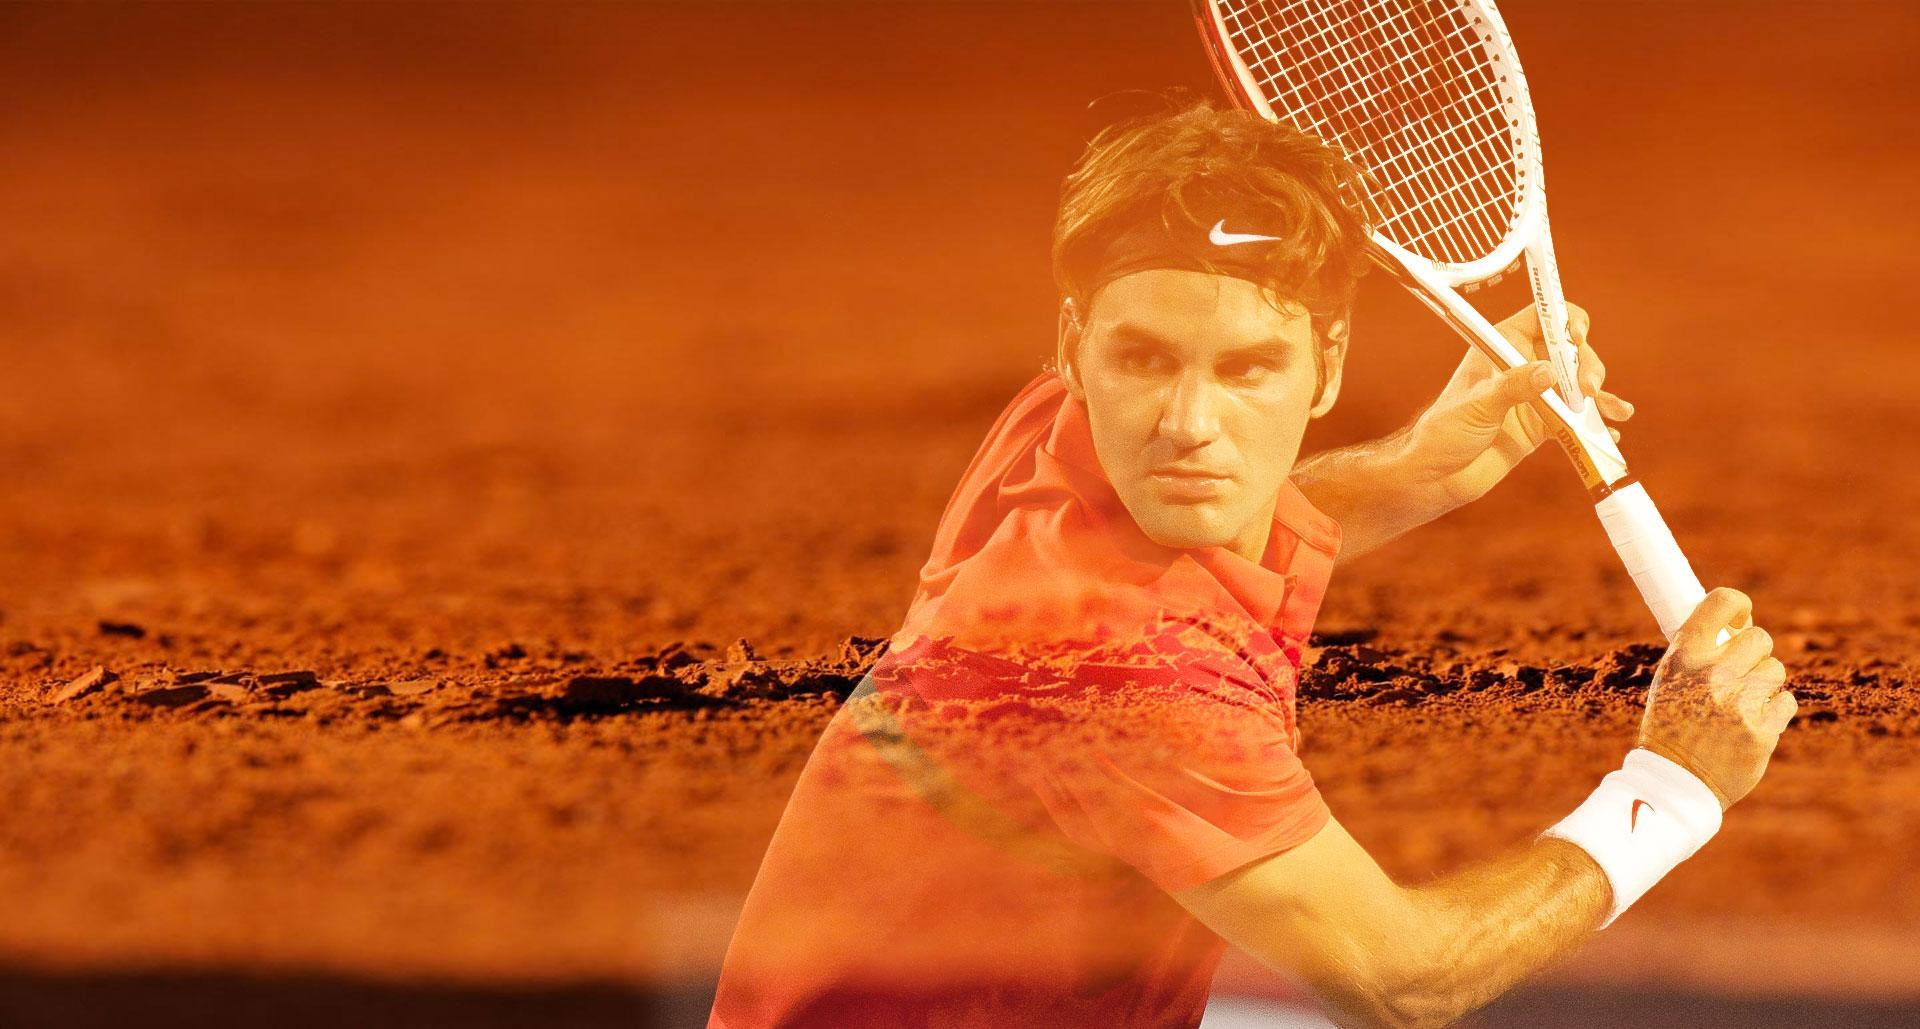 Escolha o seu pacote de viagem e excursão com ingressos e tickets já inclusos, e viaje para Roland Garros com a AnaTênis!